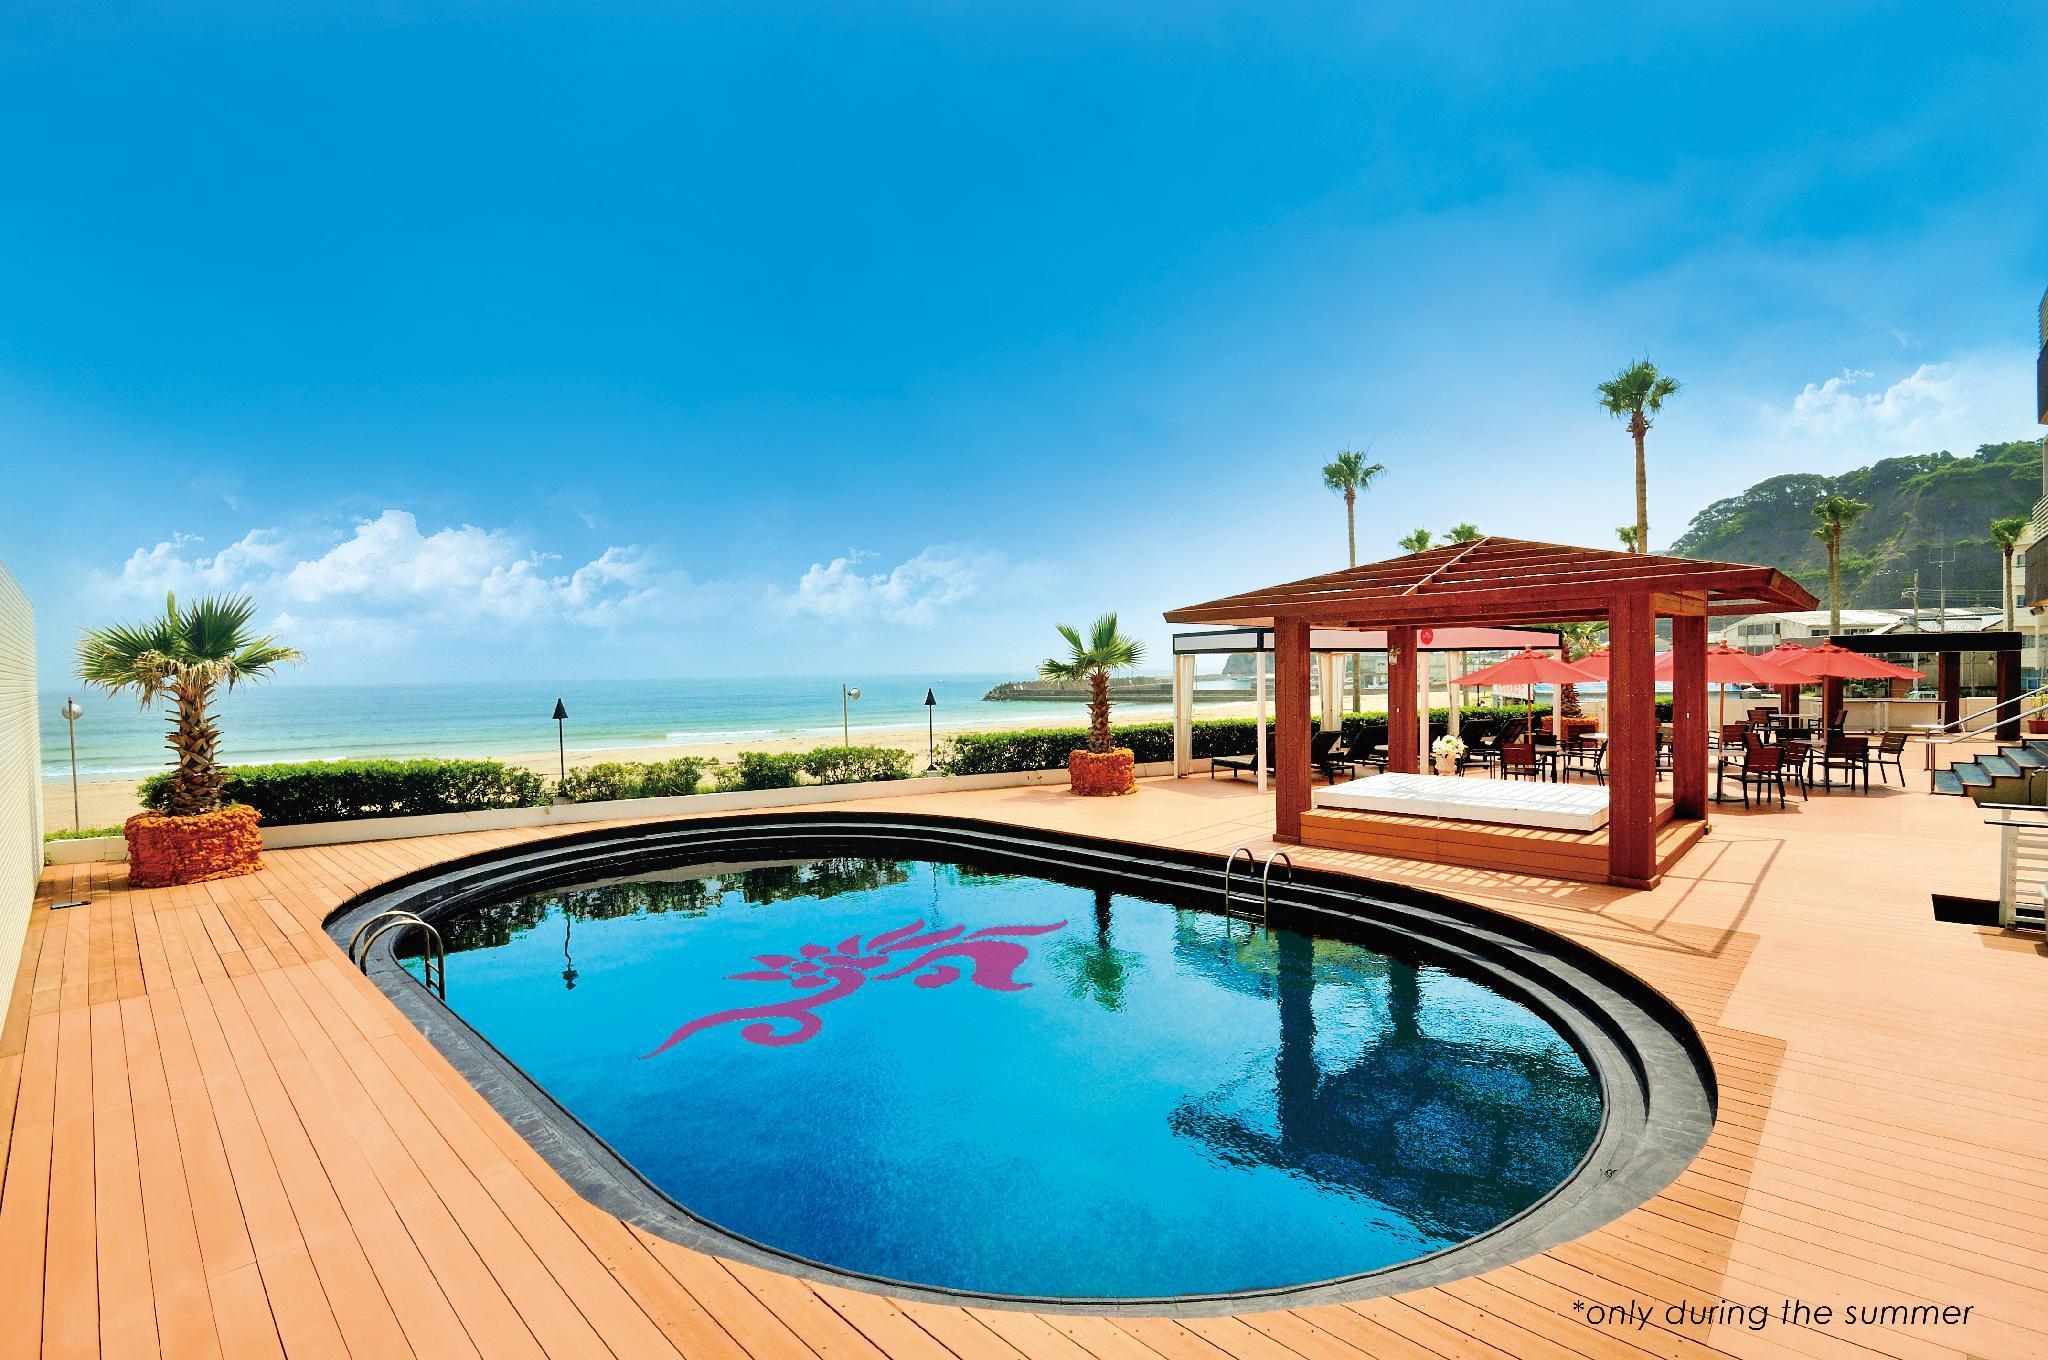 Sayan Terrace Hotel And Resort